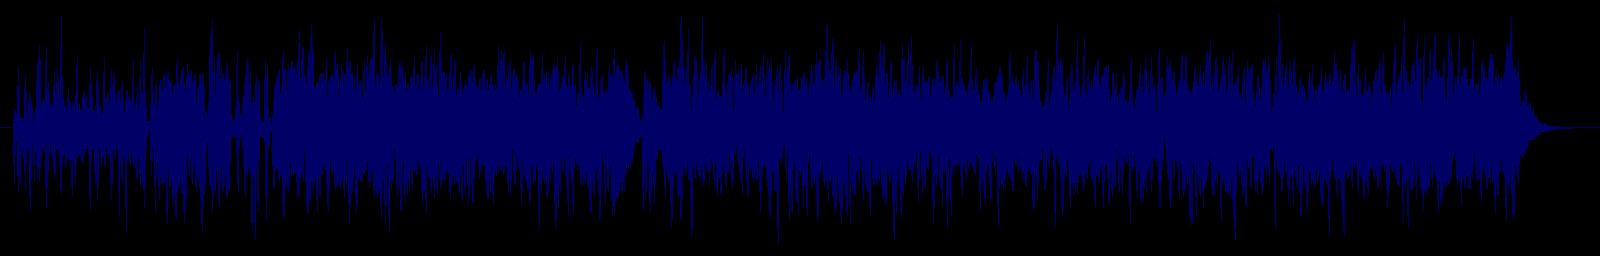 waveform of track #114744